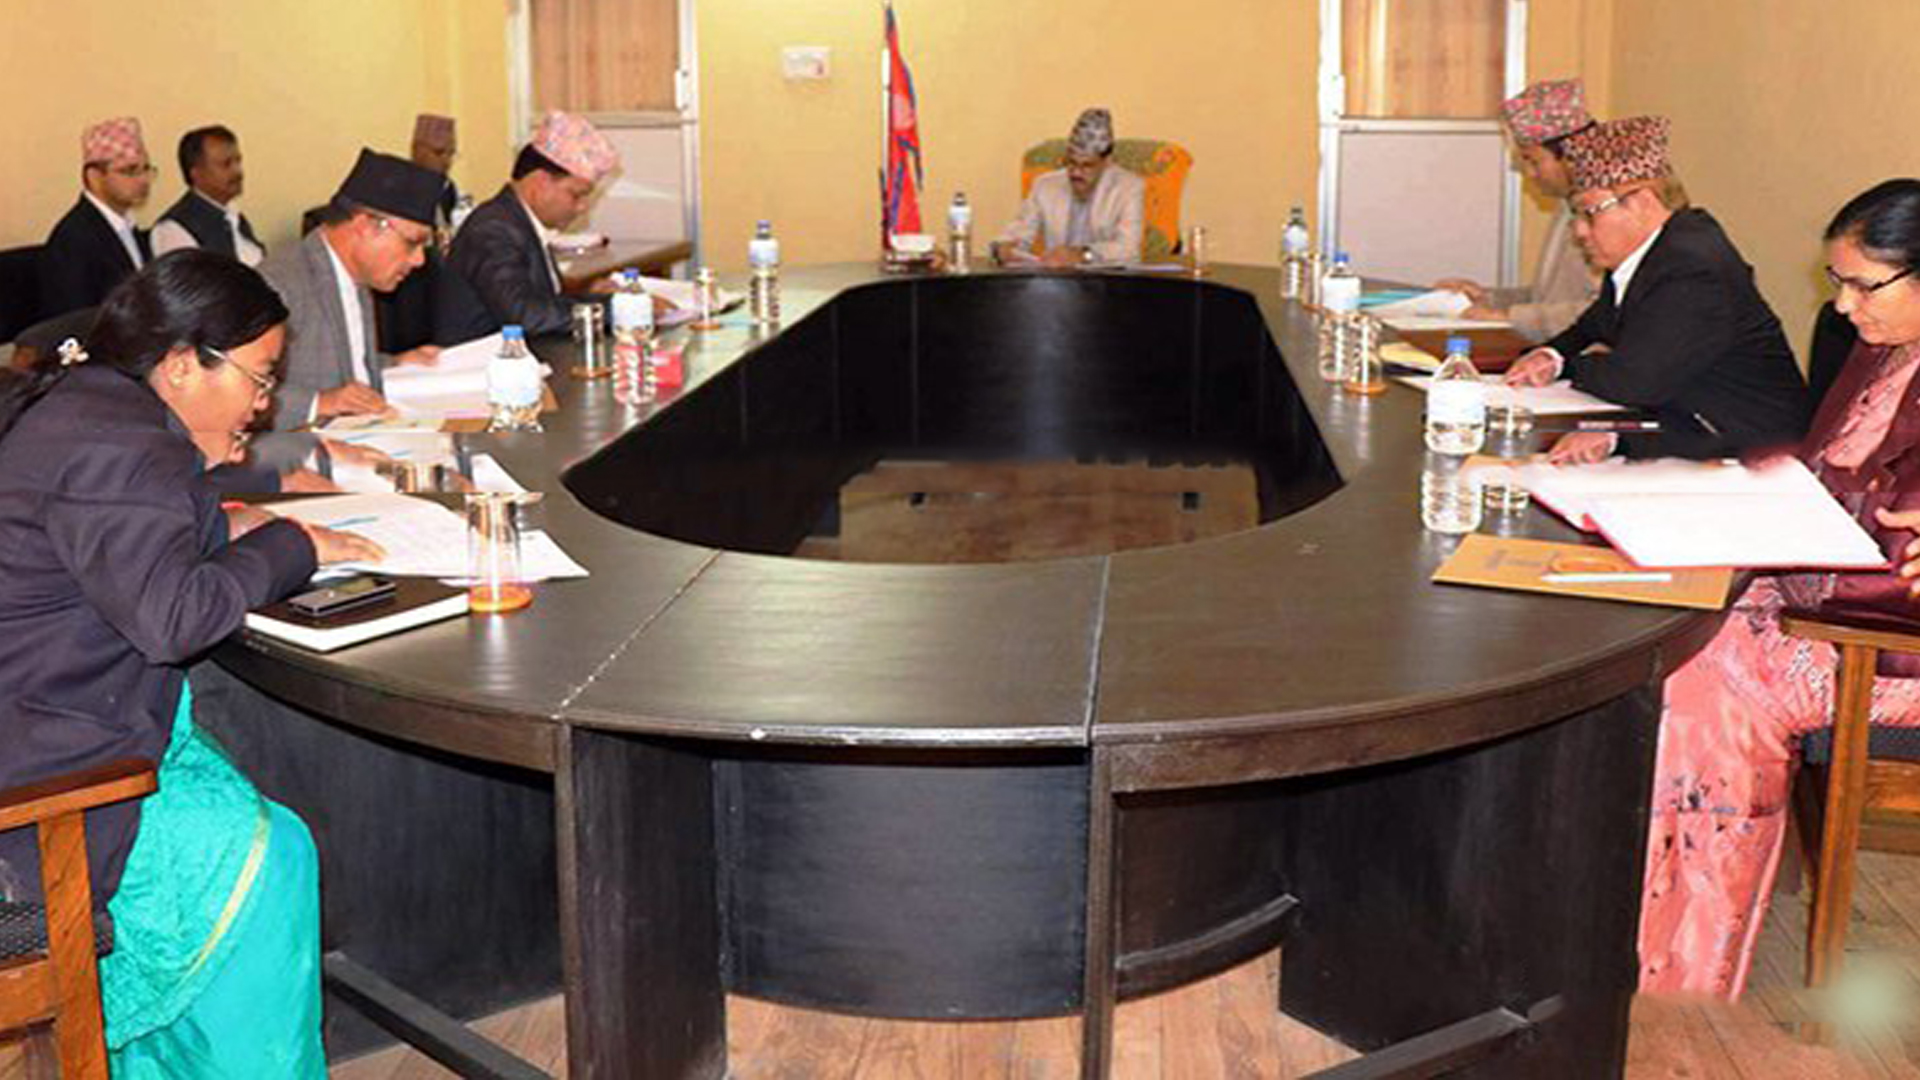 सुदूरपश्चिम सरकारको निर्णय: अस्पताल समिति गठन प्रक्रिया अघि बढाइने